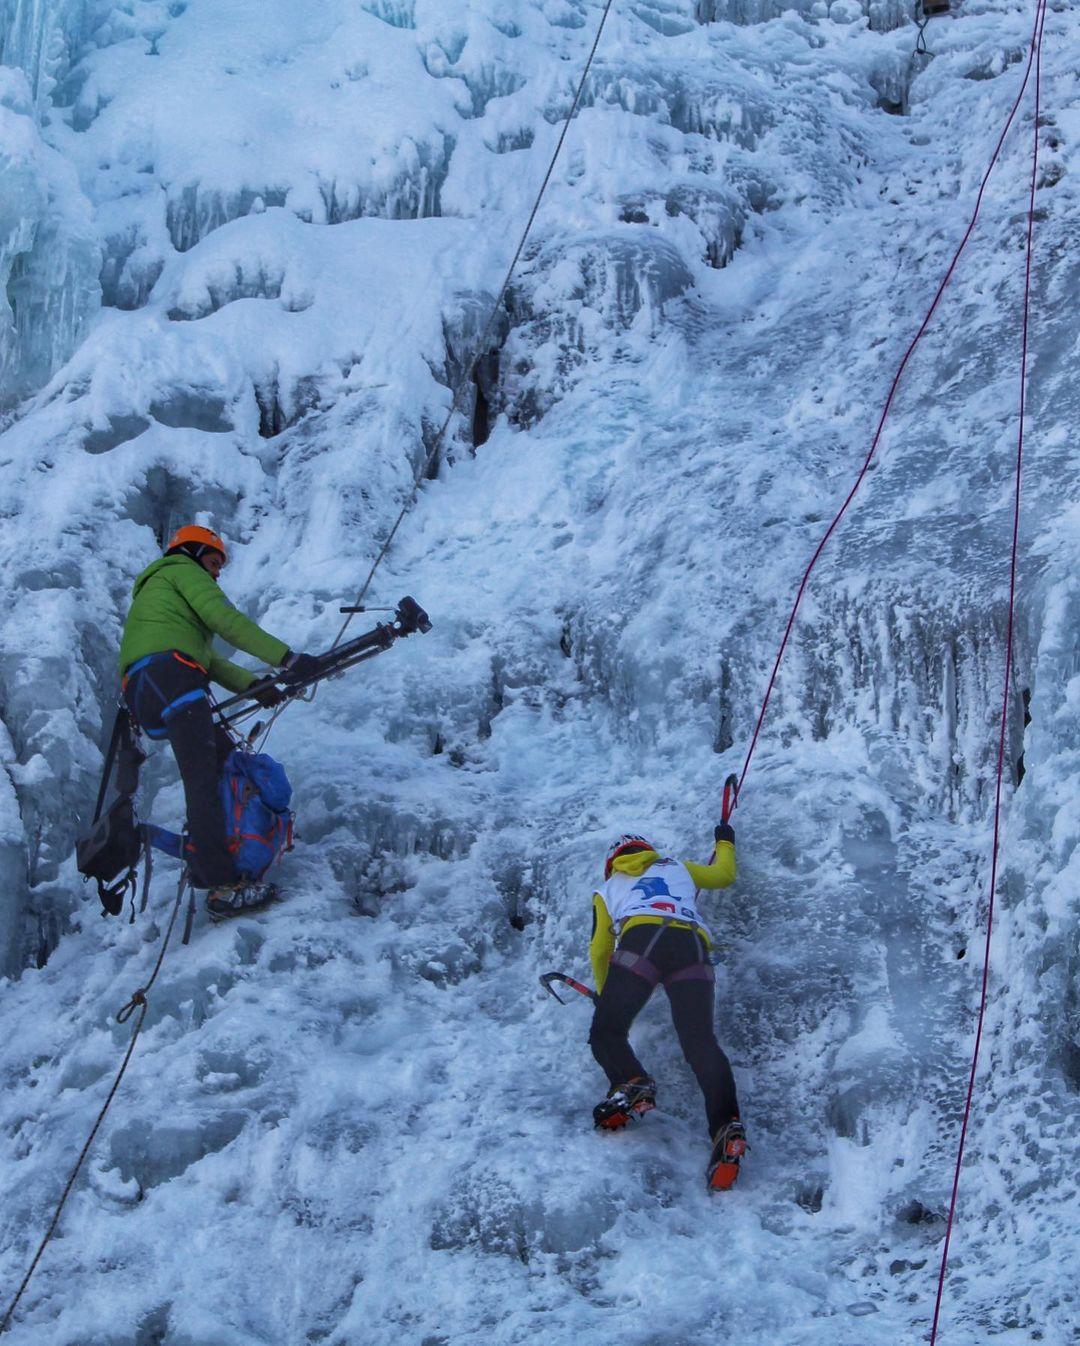 Dos deportistas escalando cascada en hielo, Portezuelo Ibañez, sur de Chile